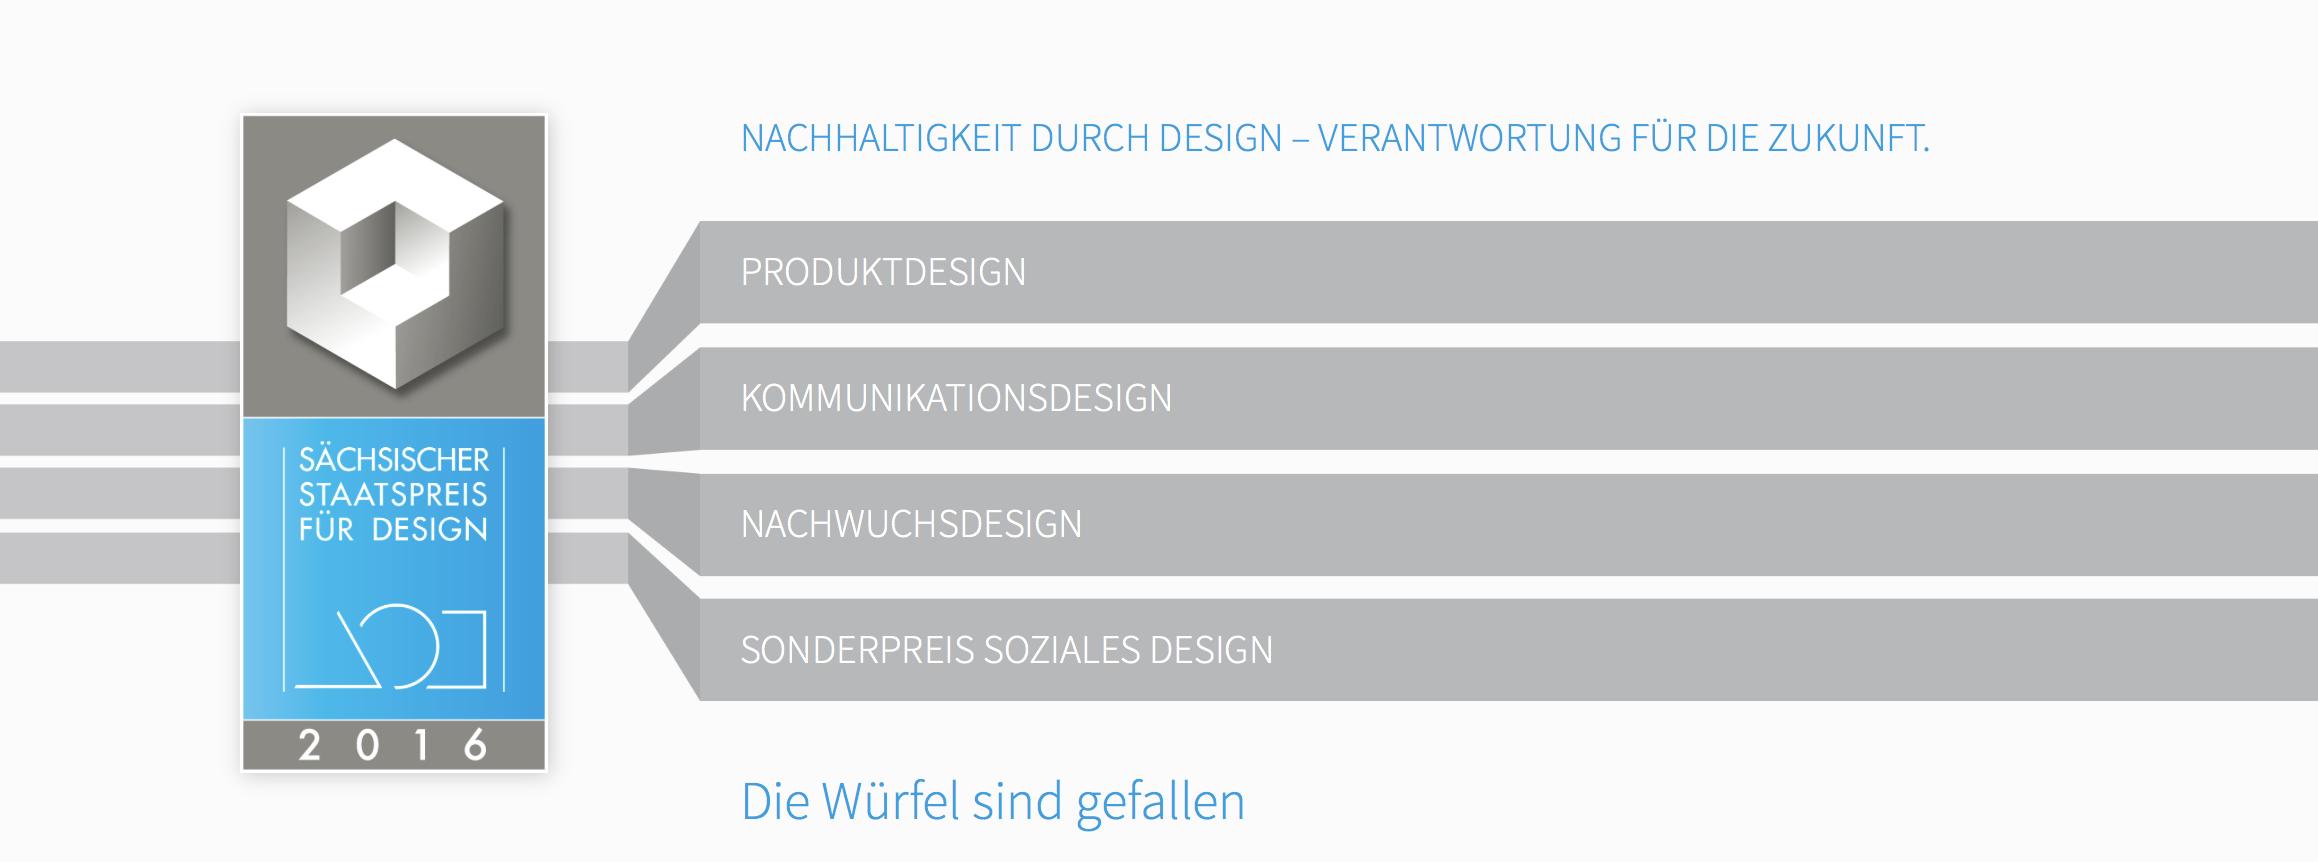 Staatspreis für Design - Zwickau 2050.png